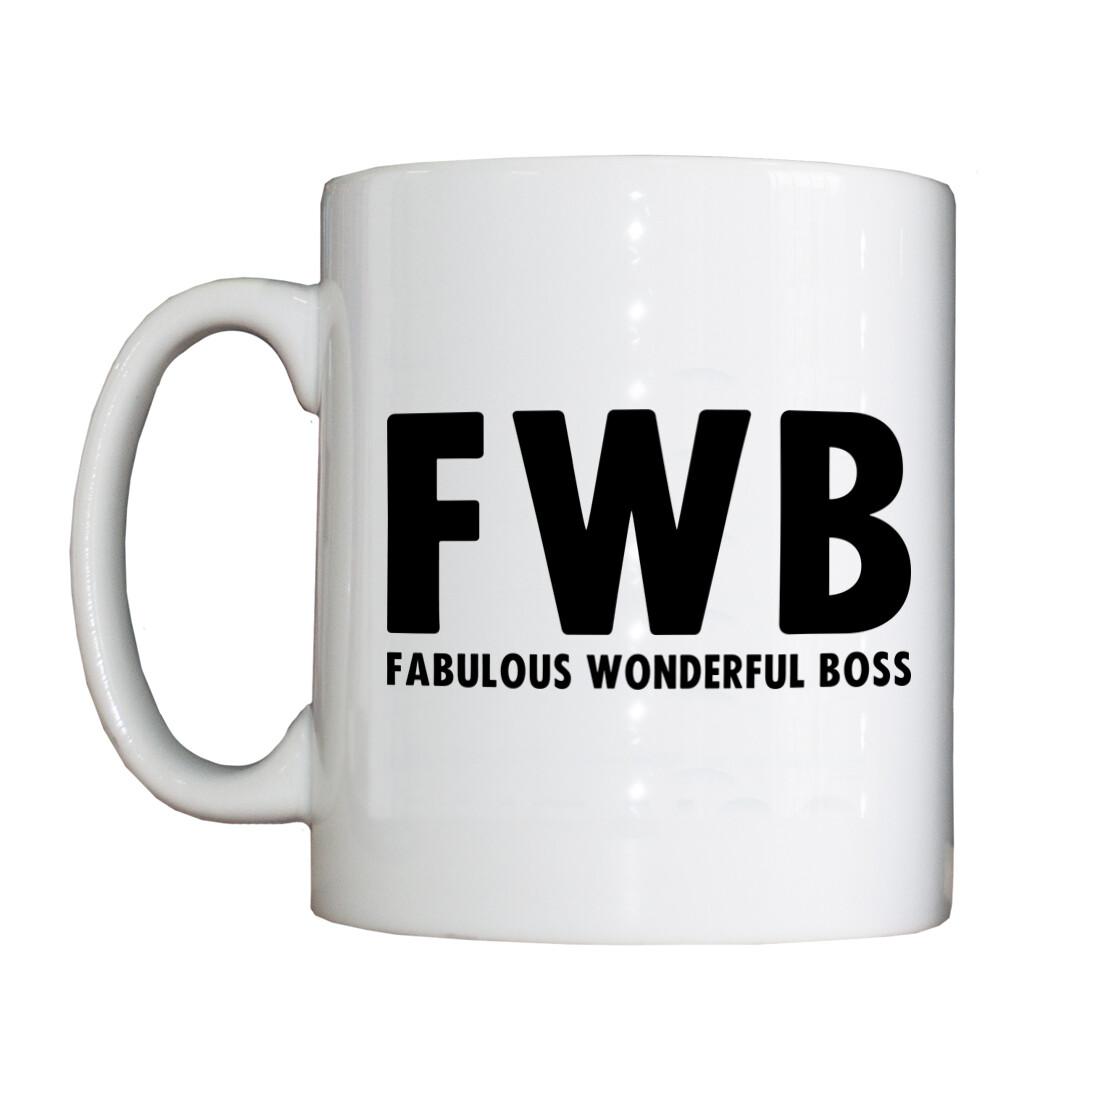 Personalised 'FWB' Drinking Vessel